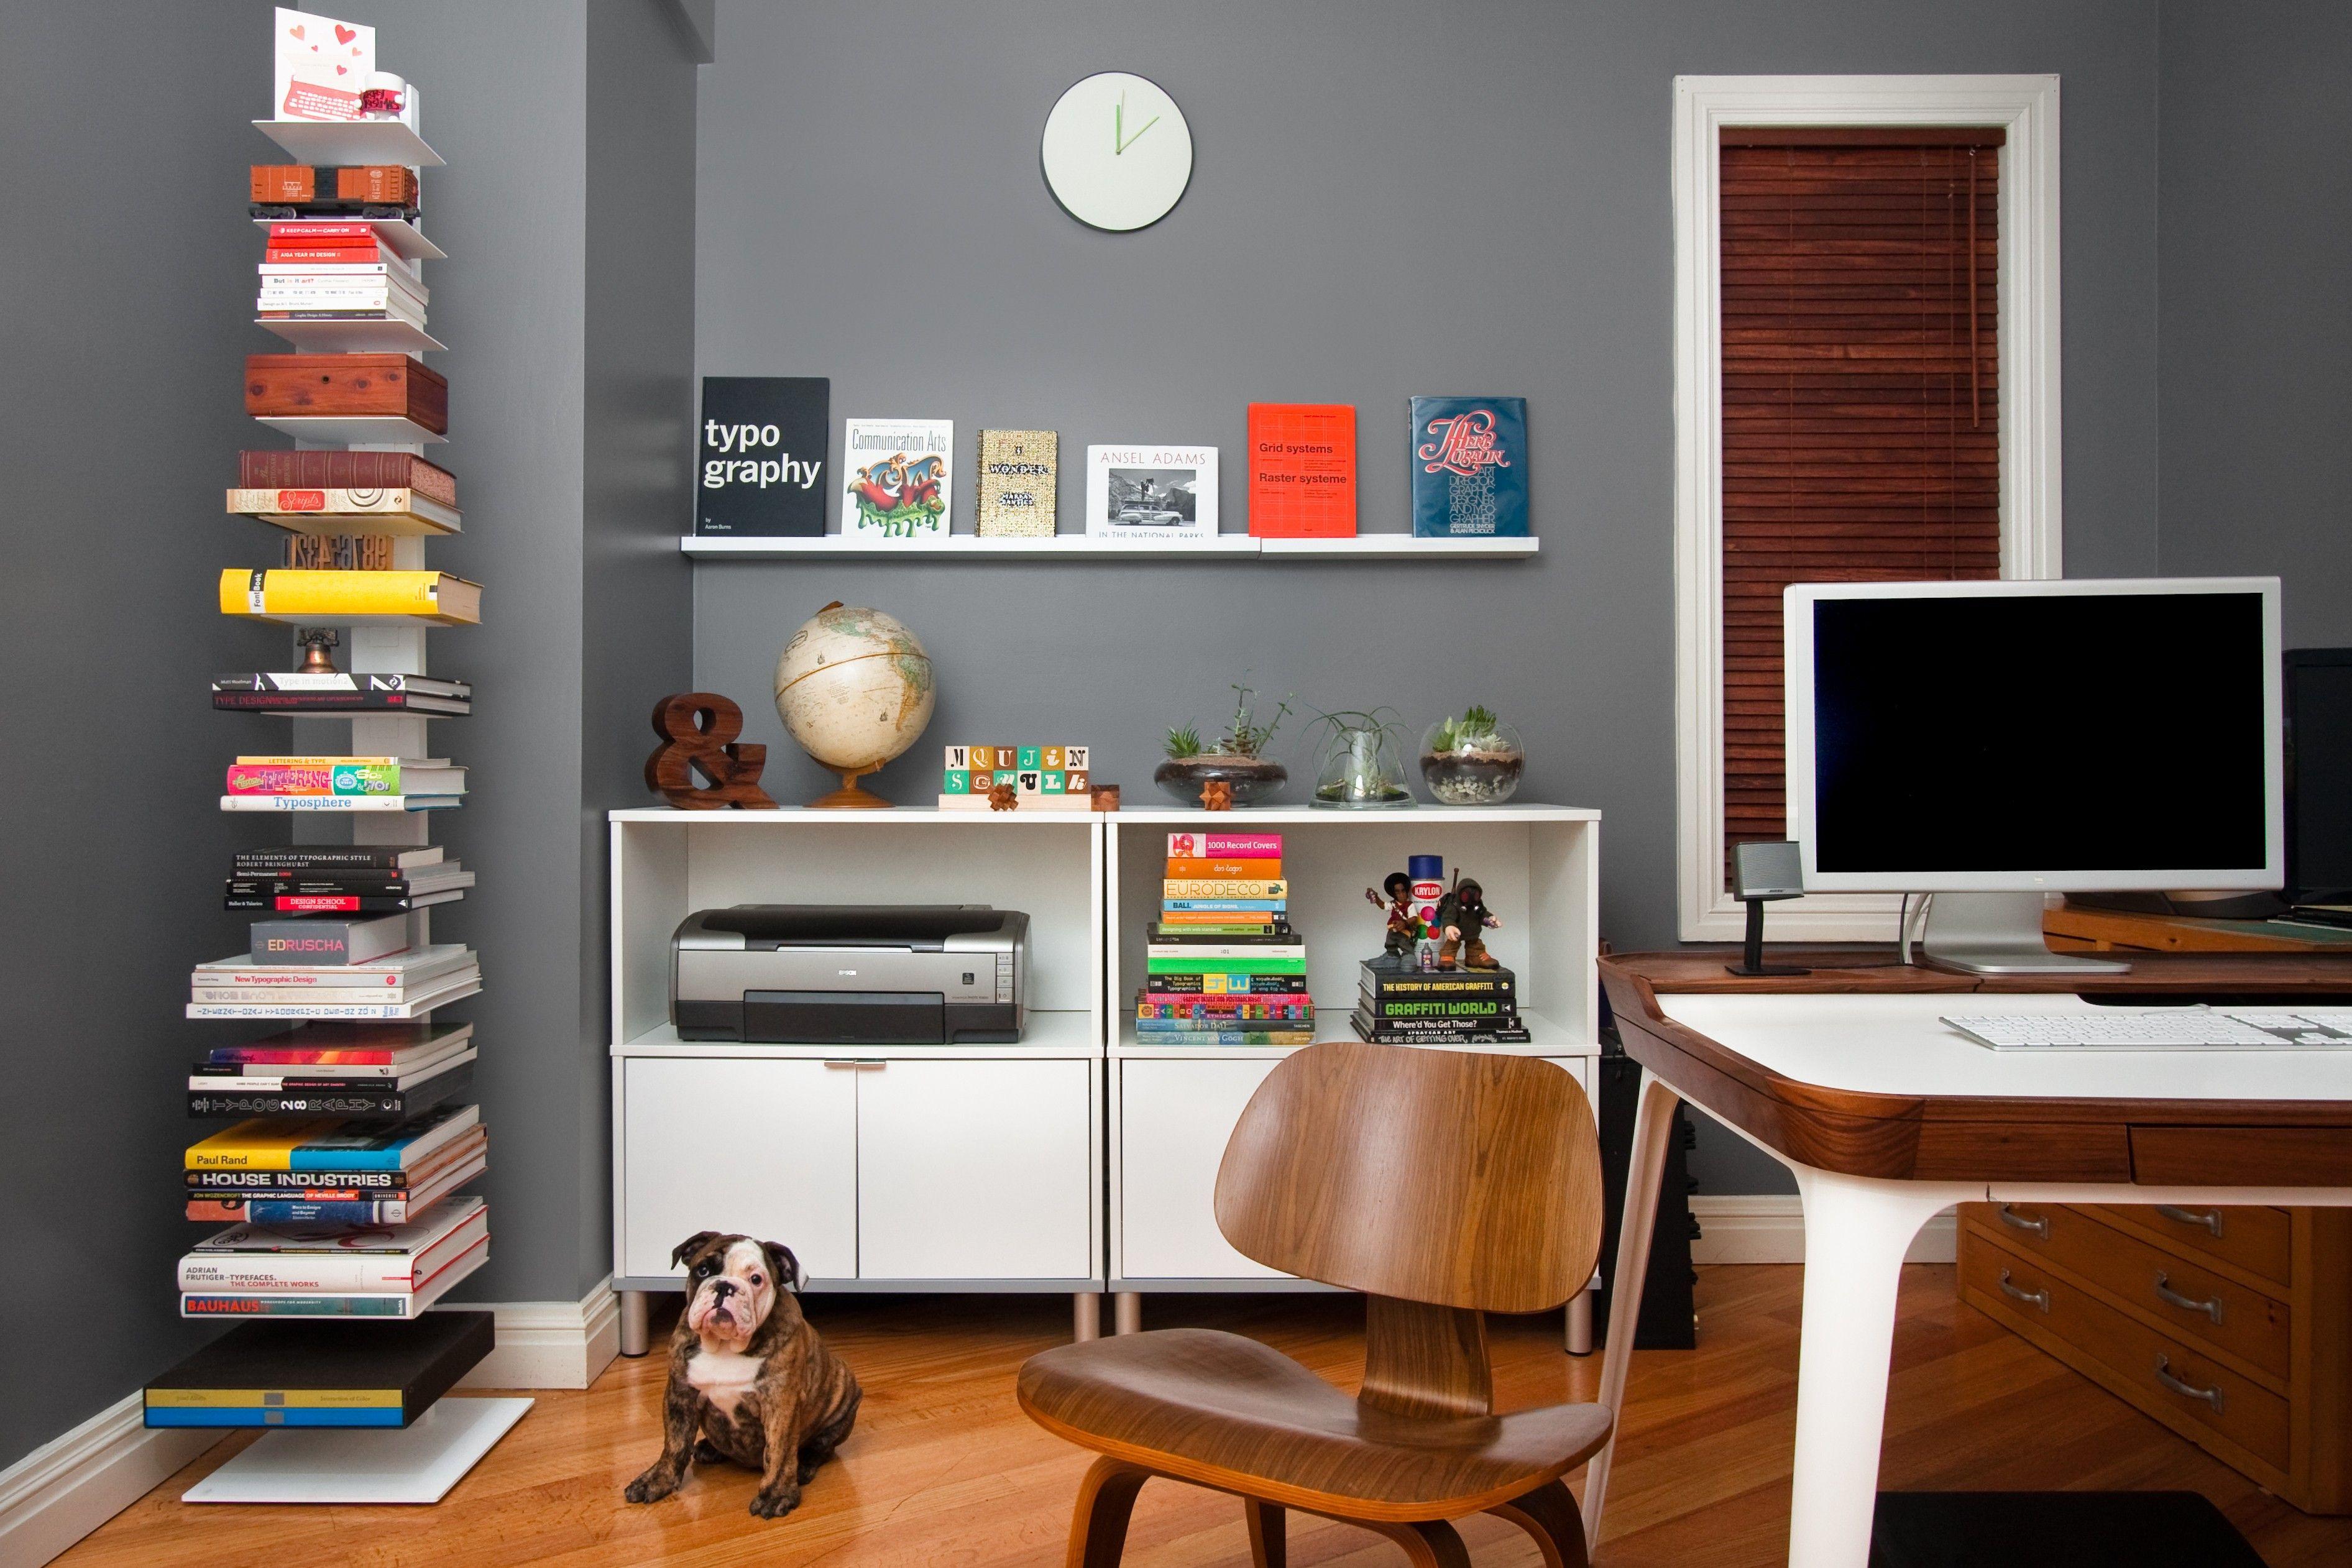 نکات مهم و تاثیرگذار در طراحی دکوراسیون اتاق مطالعه